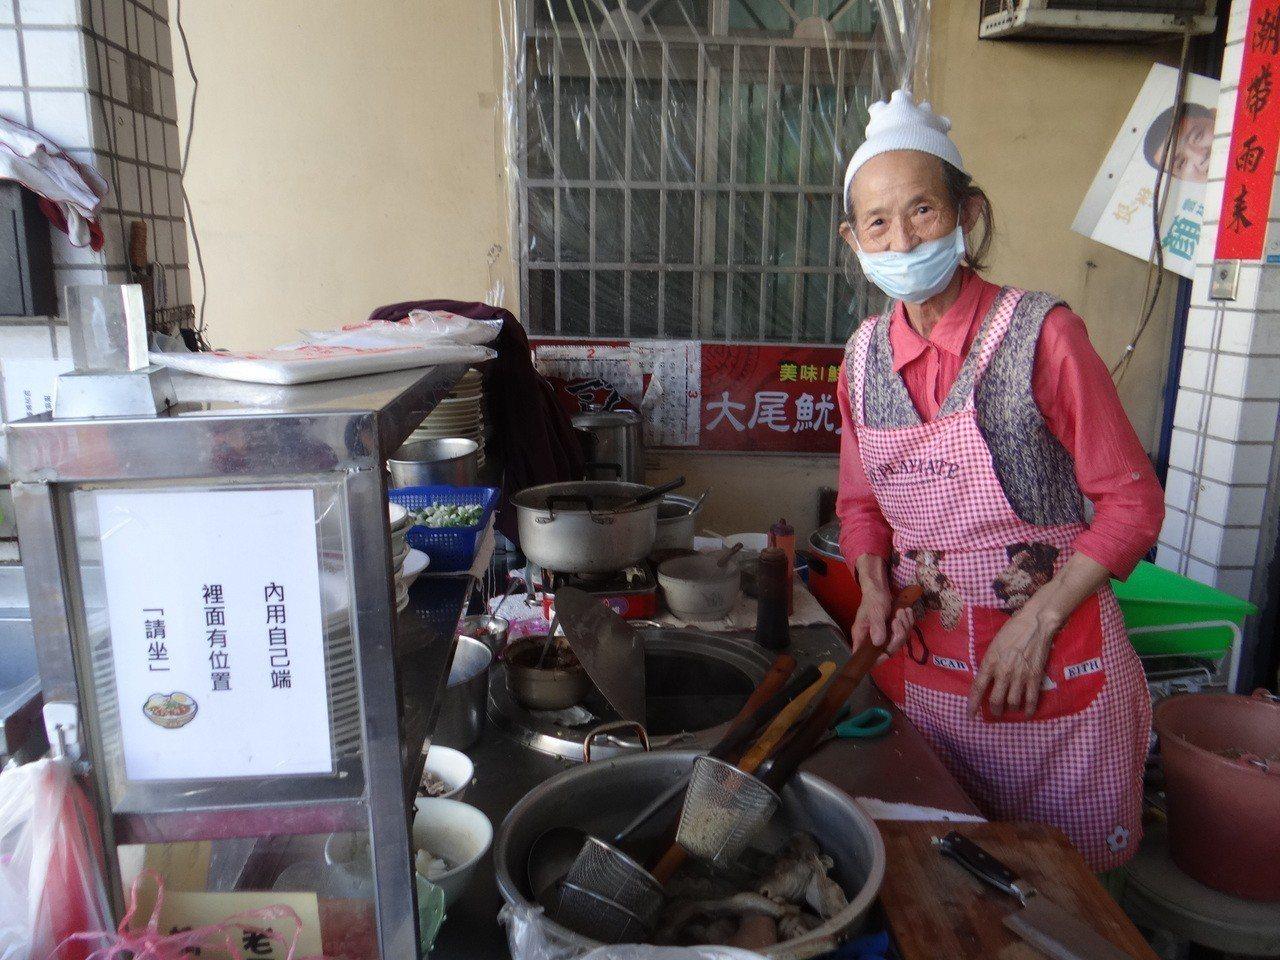 婆婆每天辛苦張羅飯菜並親自料理飯菜,一人忙不過來,在攤前貼有自己端菜的公告,學生...